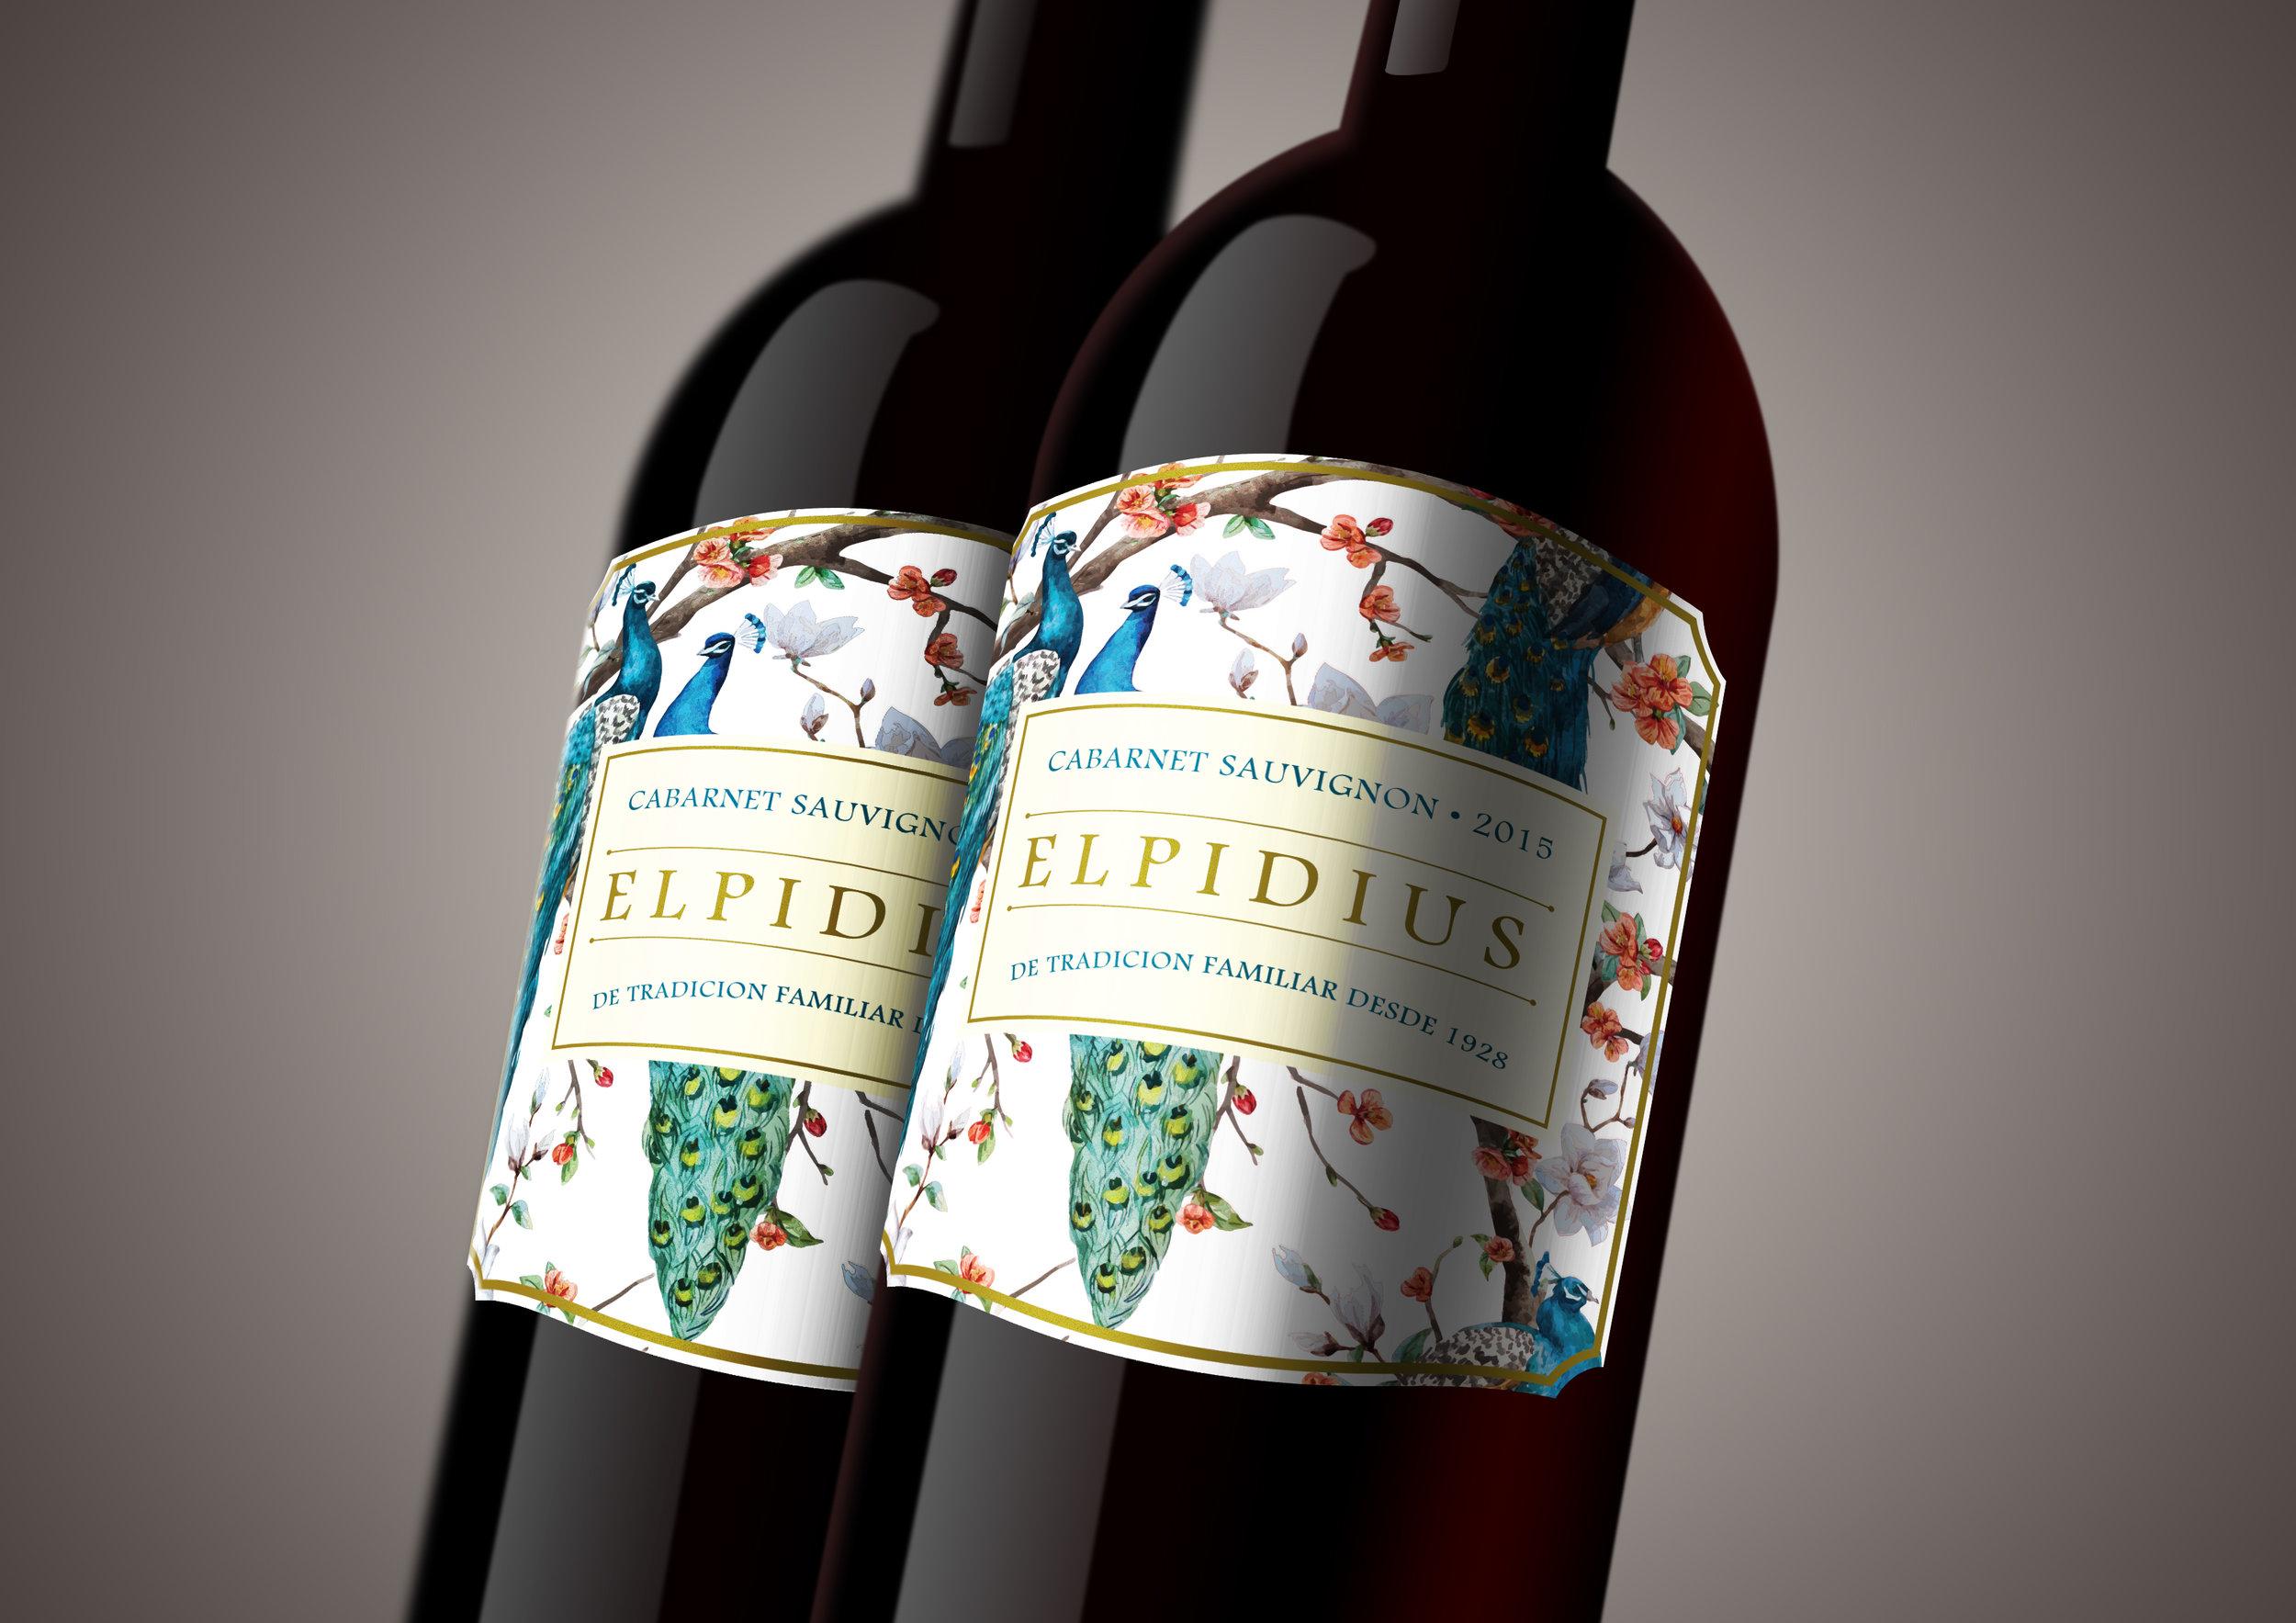 Epidius 2 bottle shot.jpg